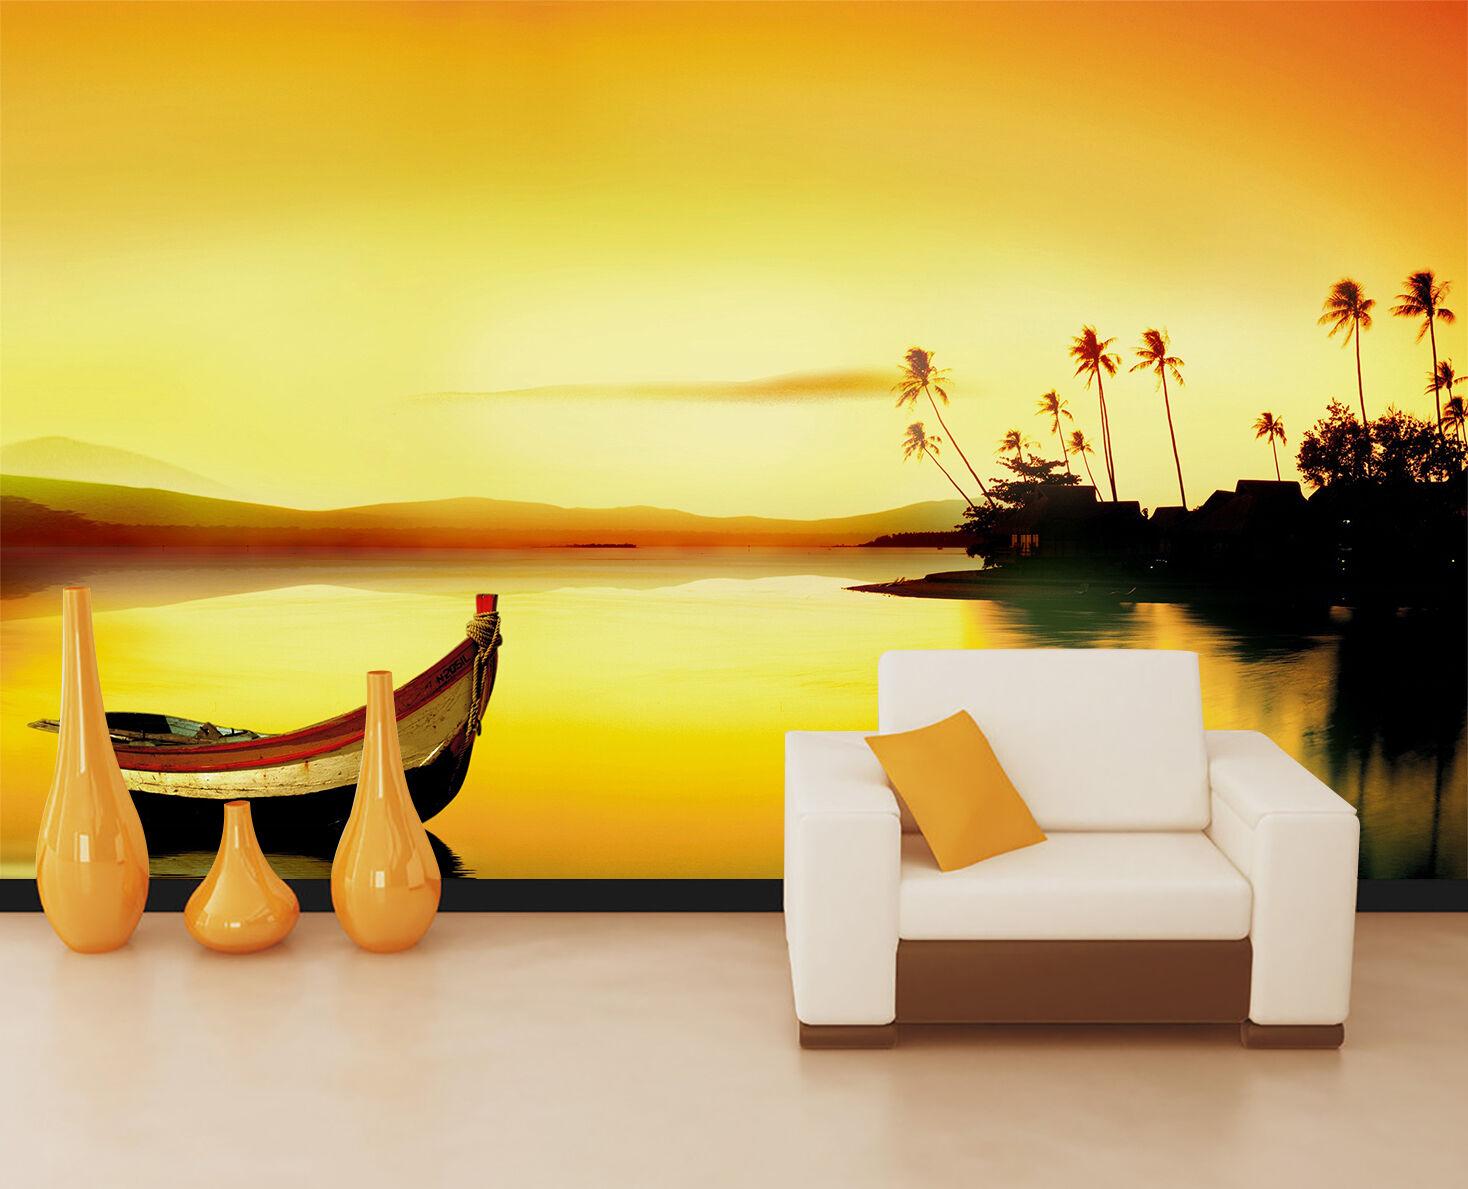 3D Tramonto,Barca Parete Murale Foto Carta da parati immagine sfondo muro stampa